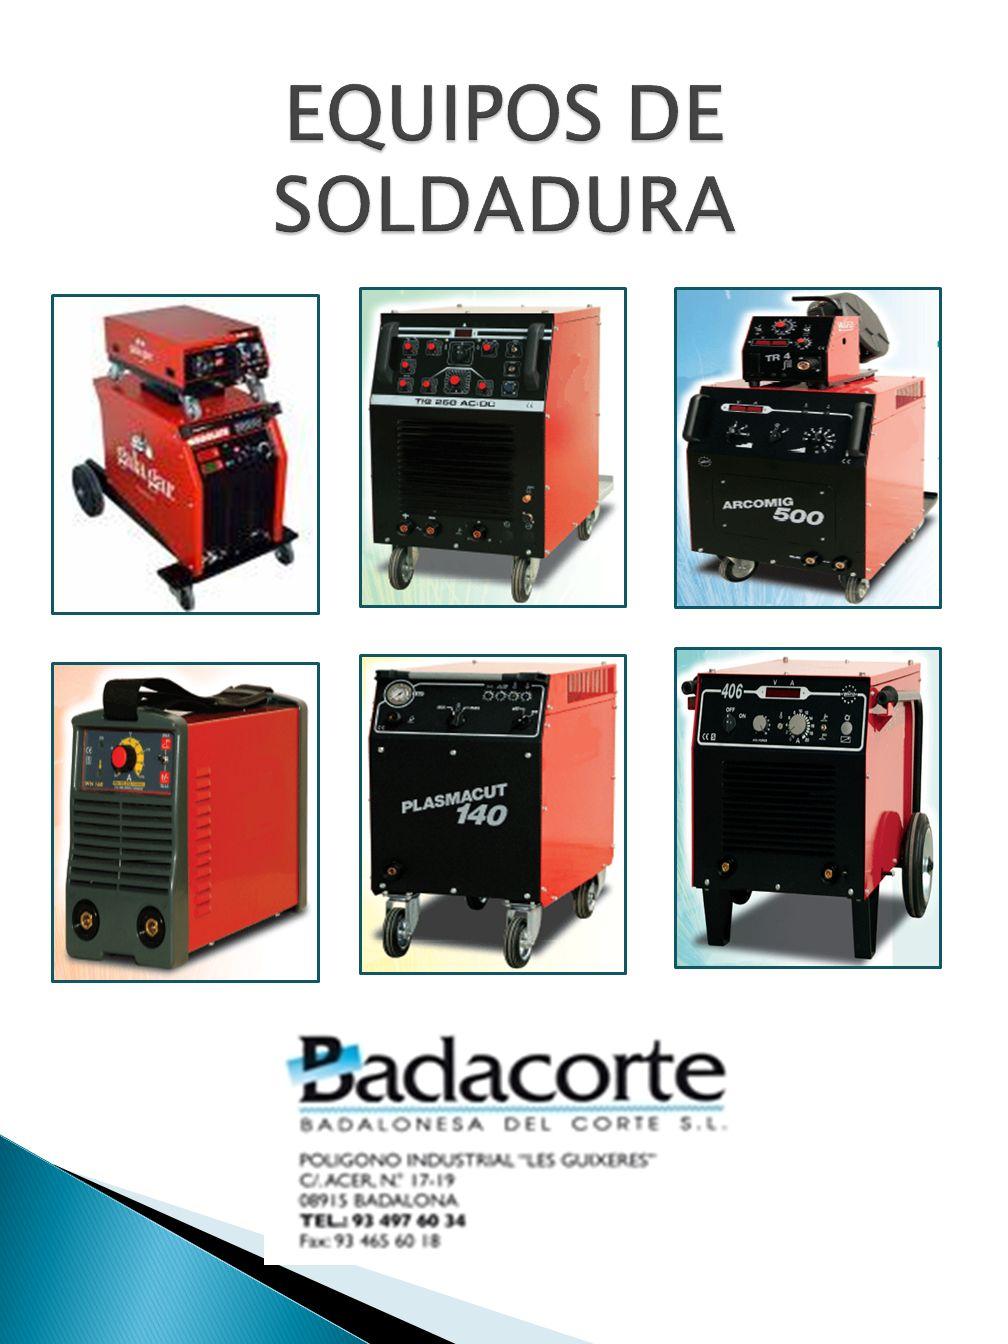 EQUIPOS DE SOLDADURA